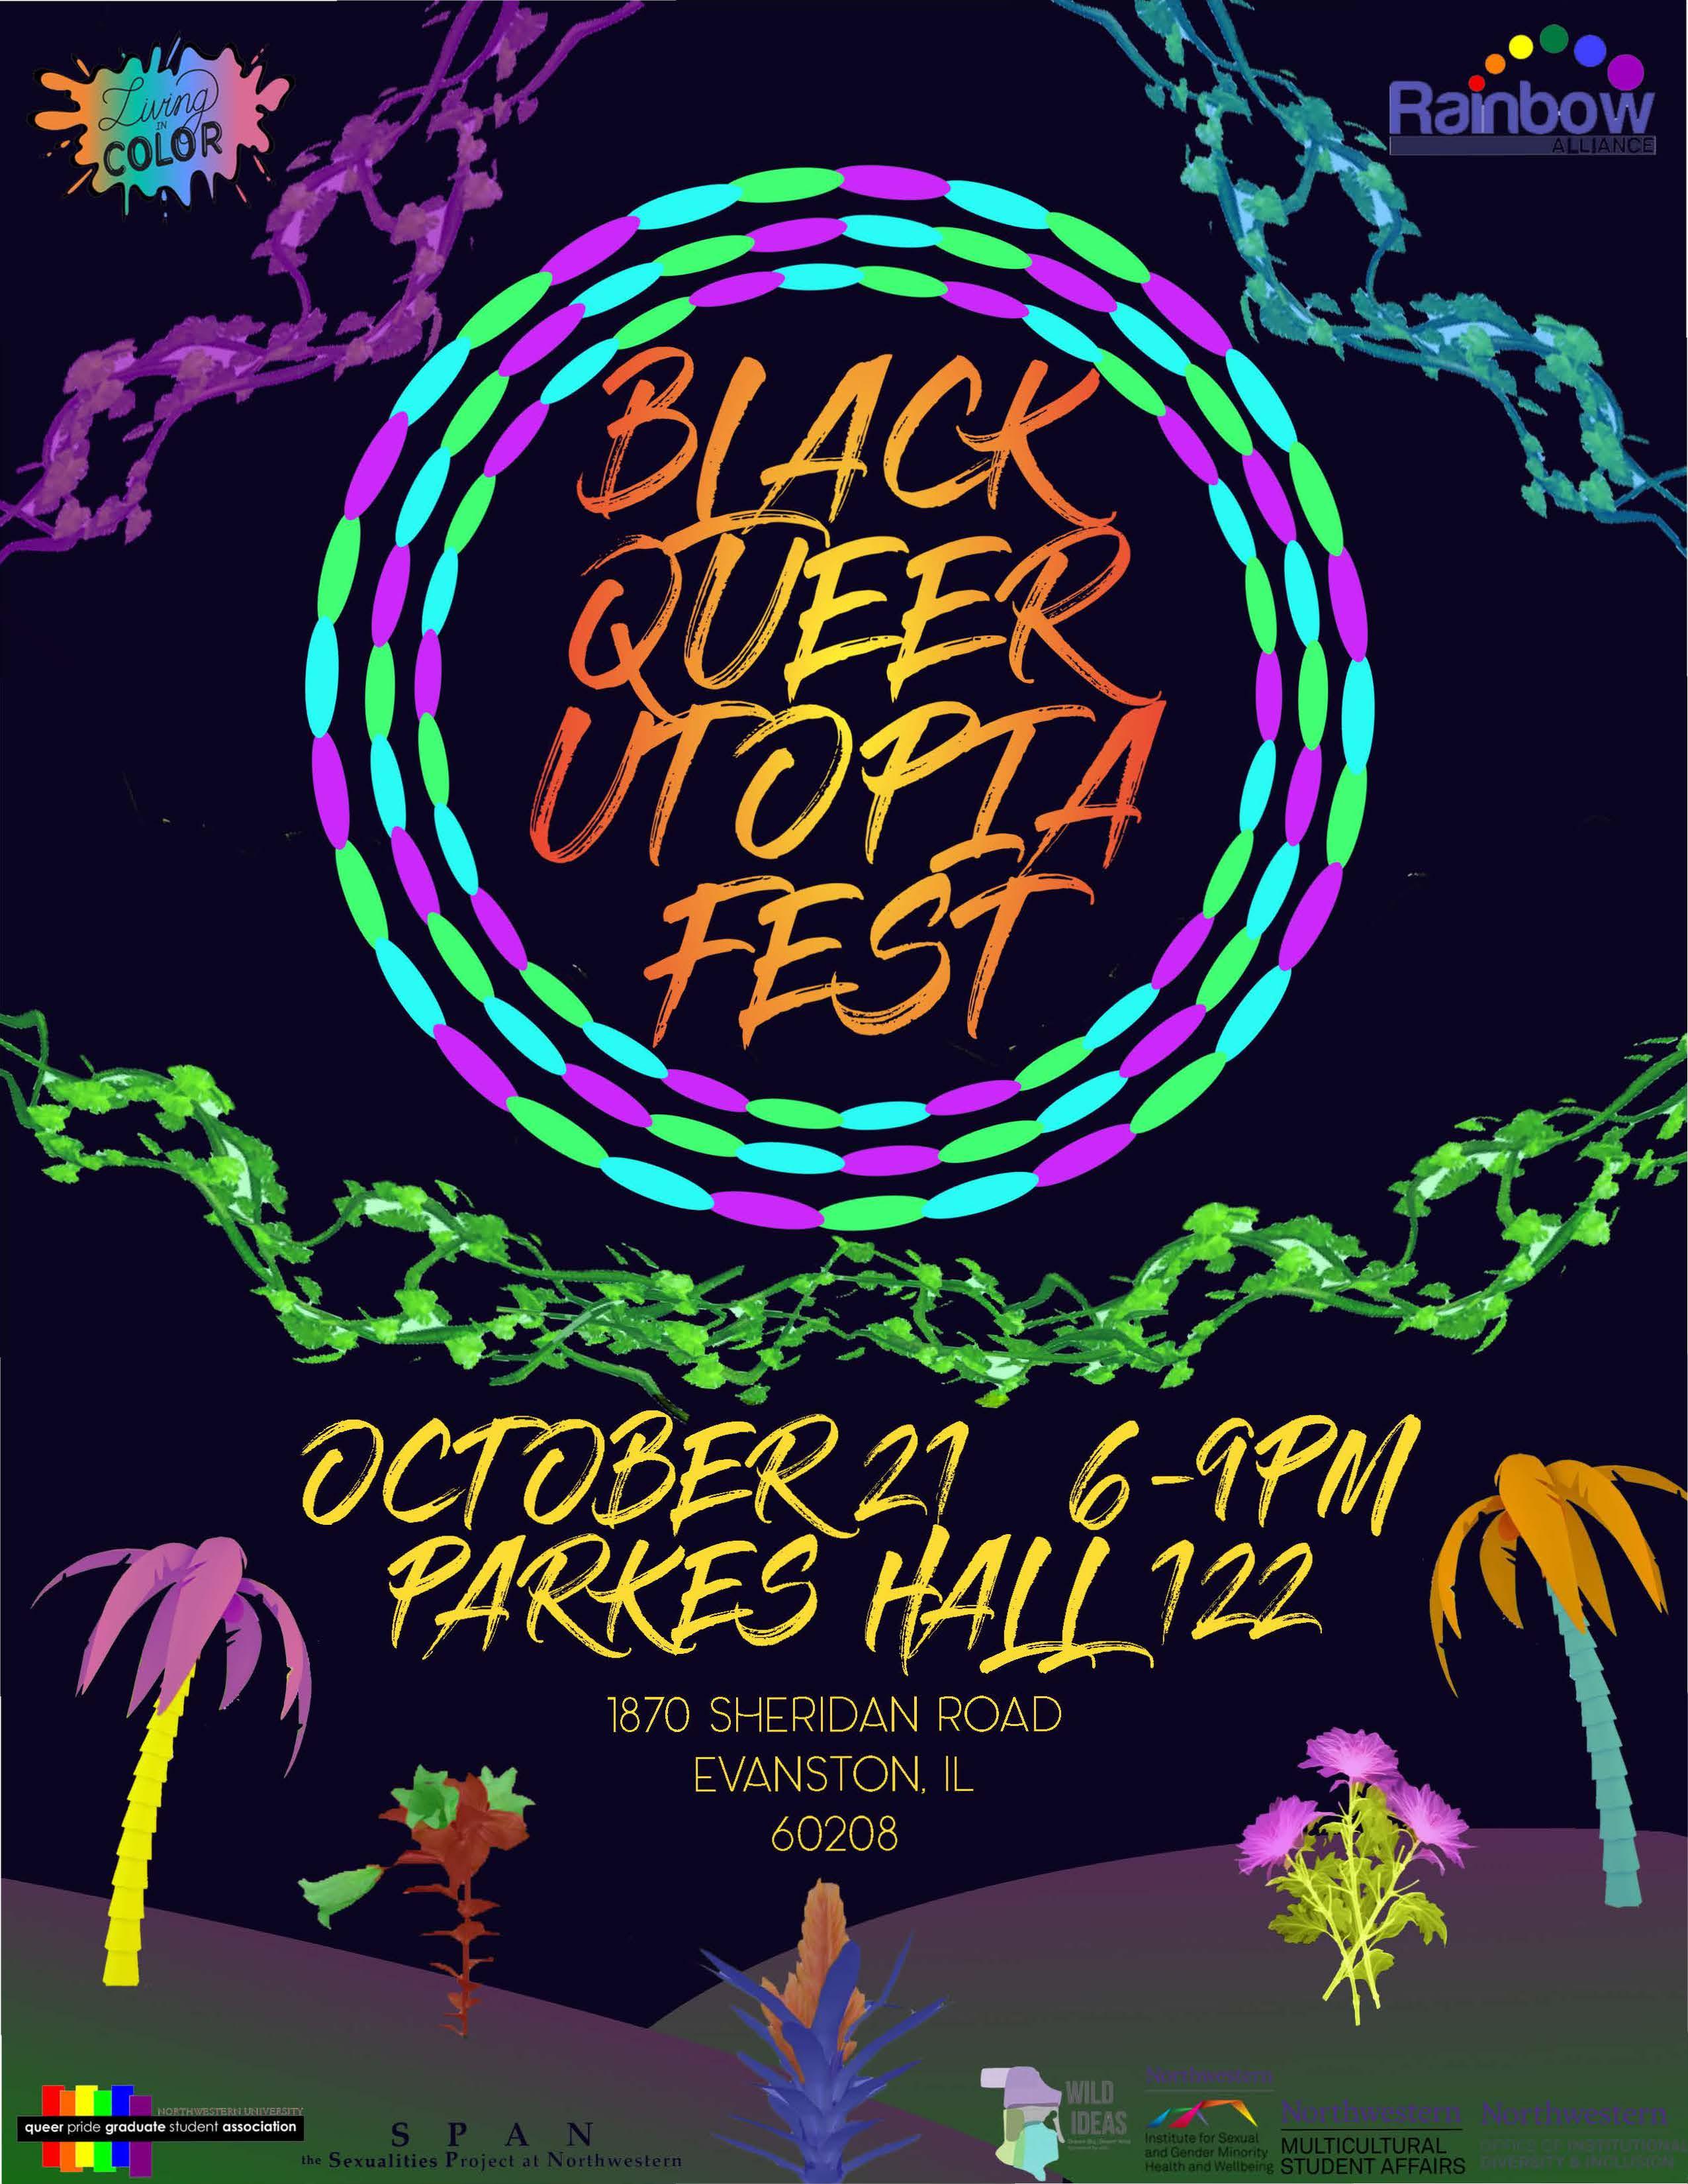 Black Queer Utopia flier